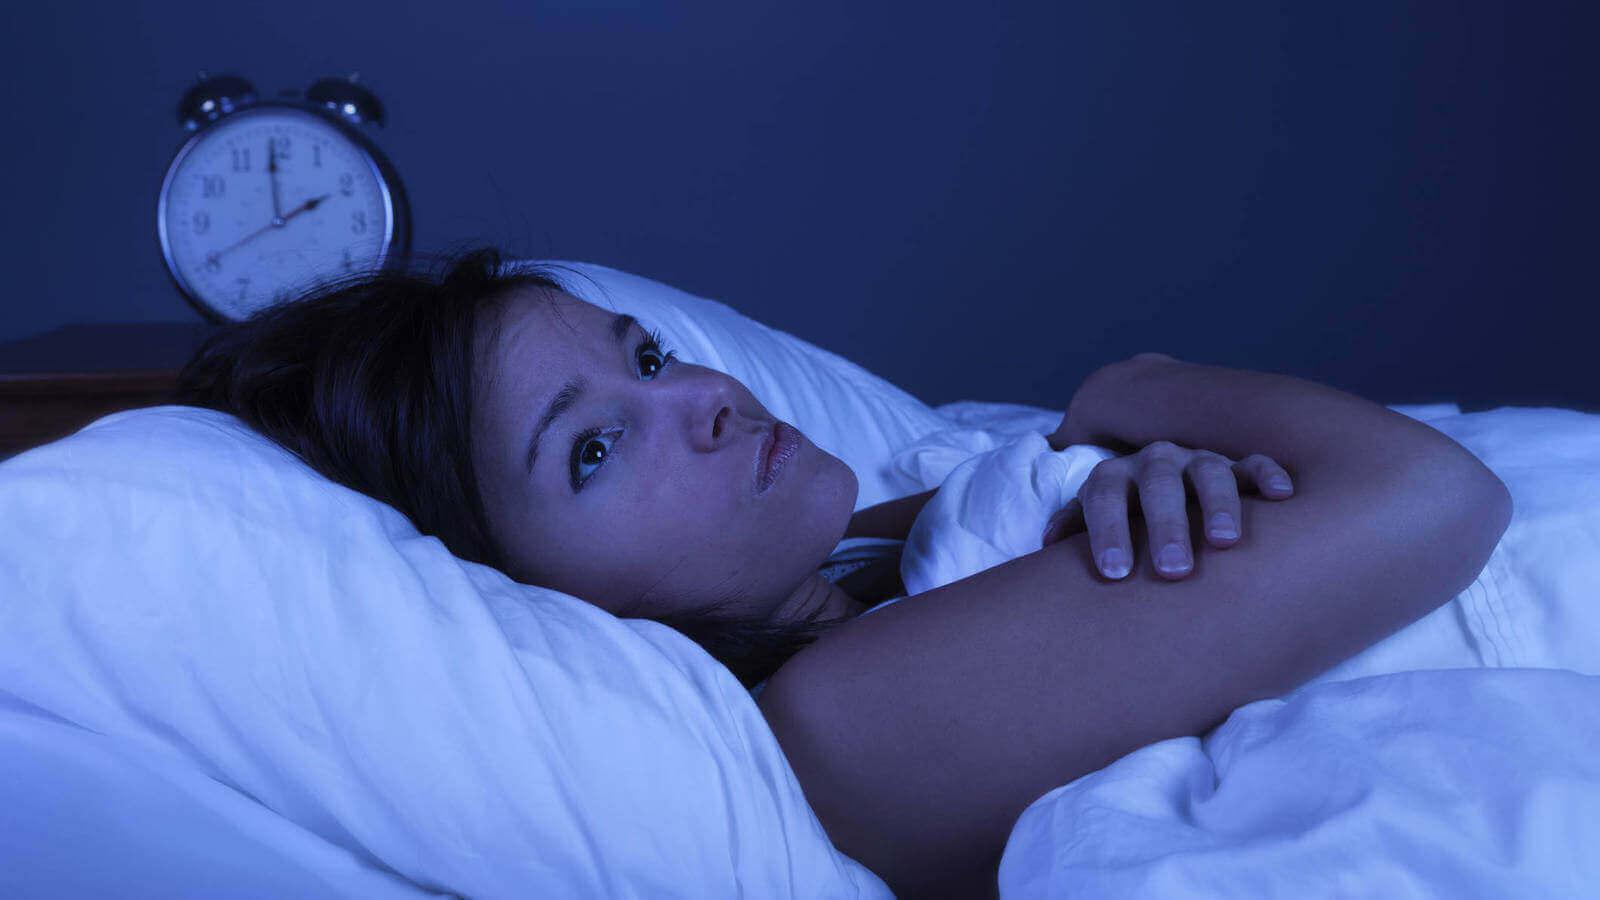 Brystsmerter er et annet symptom som finner sted når du gjennomgår et samlivsbrudd